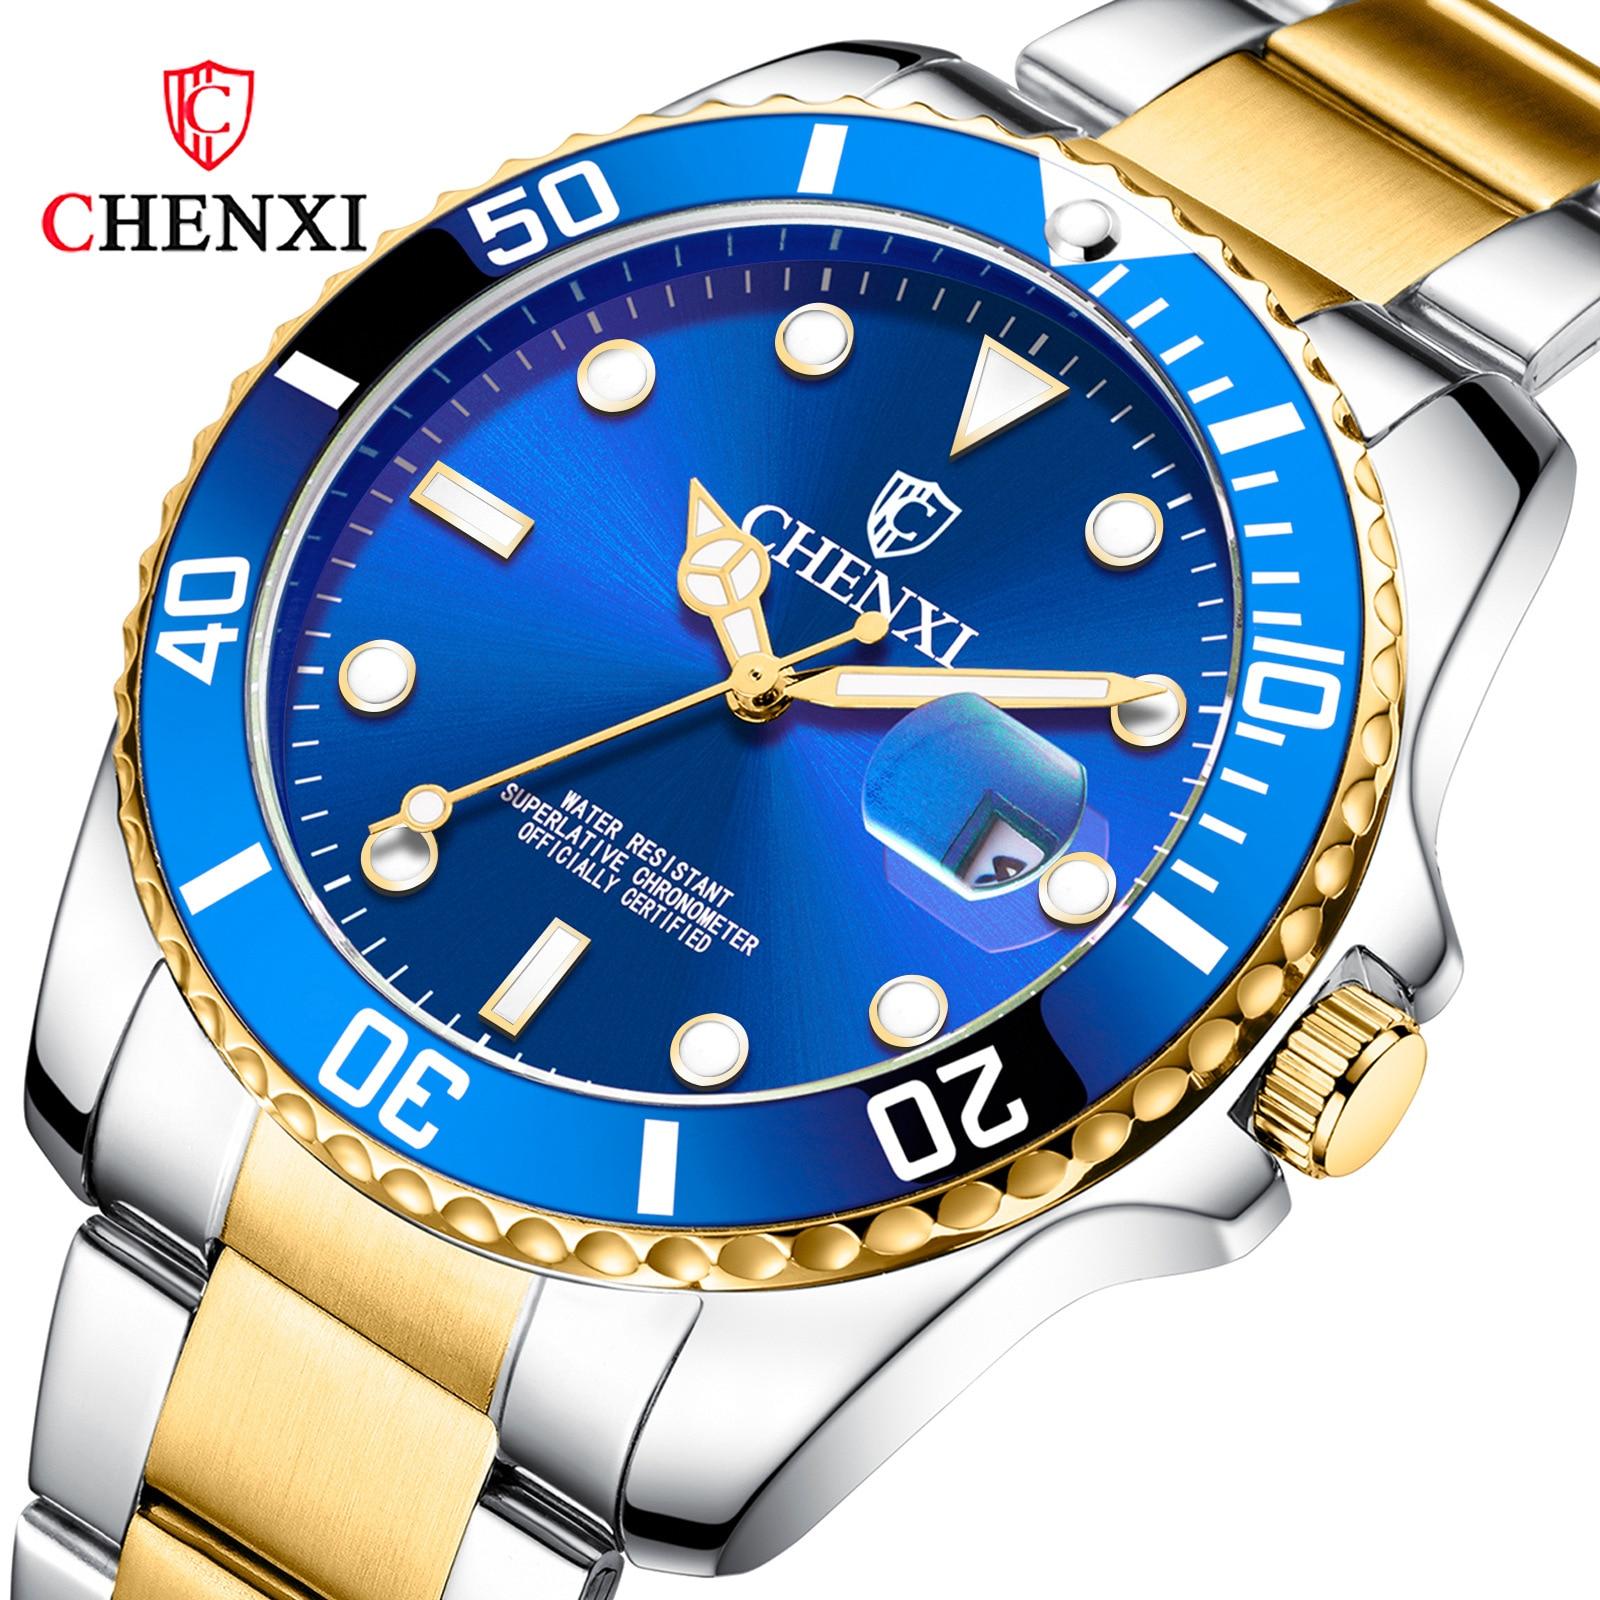 2019 nouvelle mode hommes montre à quartz étanche montre montre de sport décontractée montre pour hommes trois couleurs en option